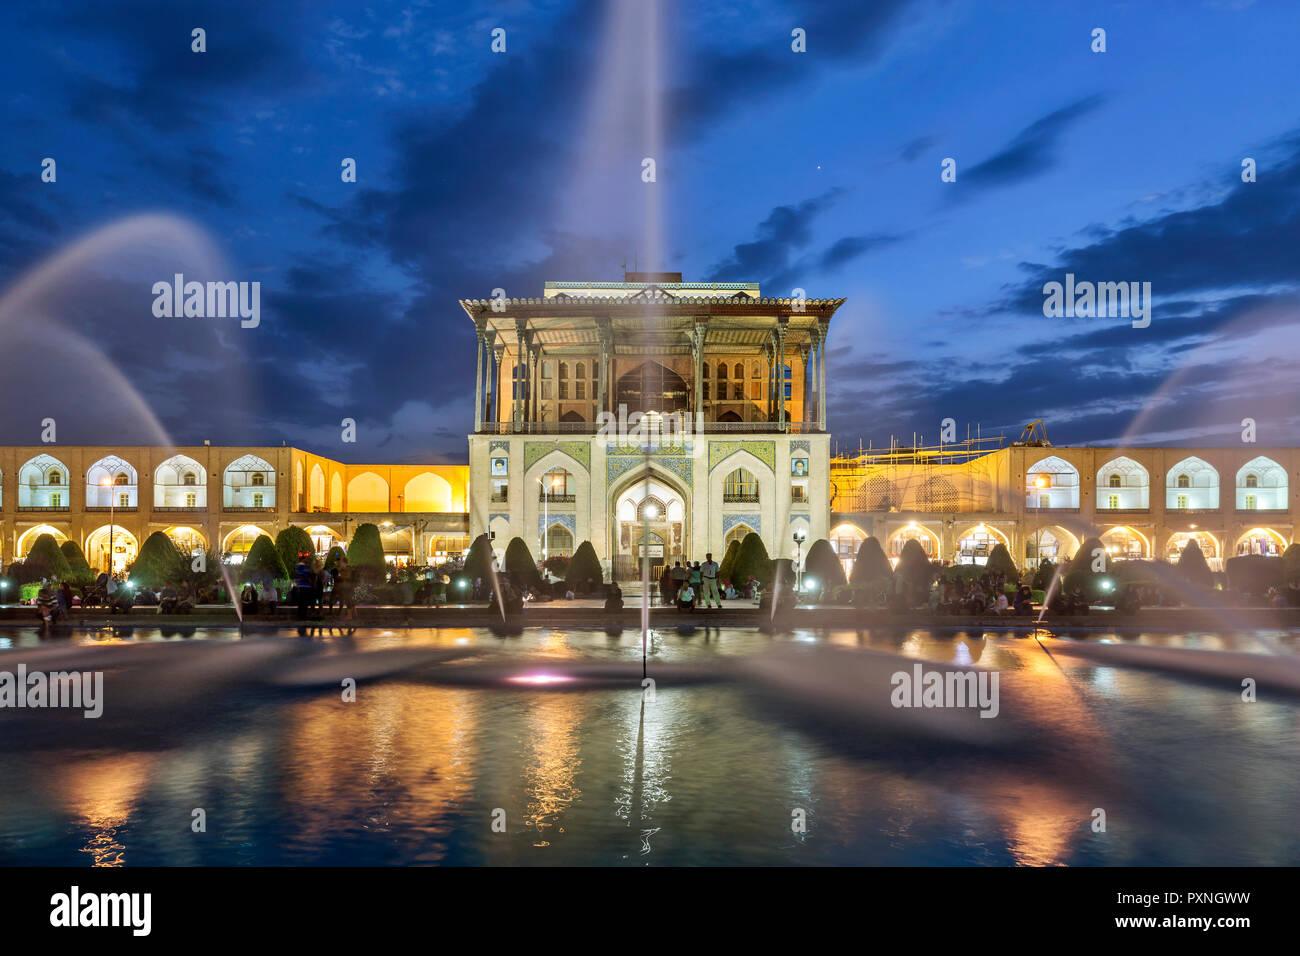 Iran, Isfahan Province, Isfahan, Aali Qapu Palace at blue hour Stock Photo